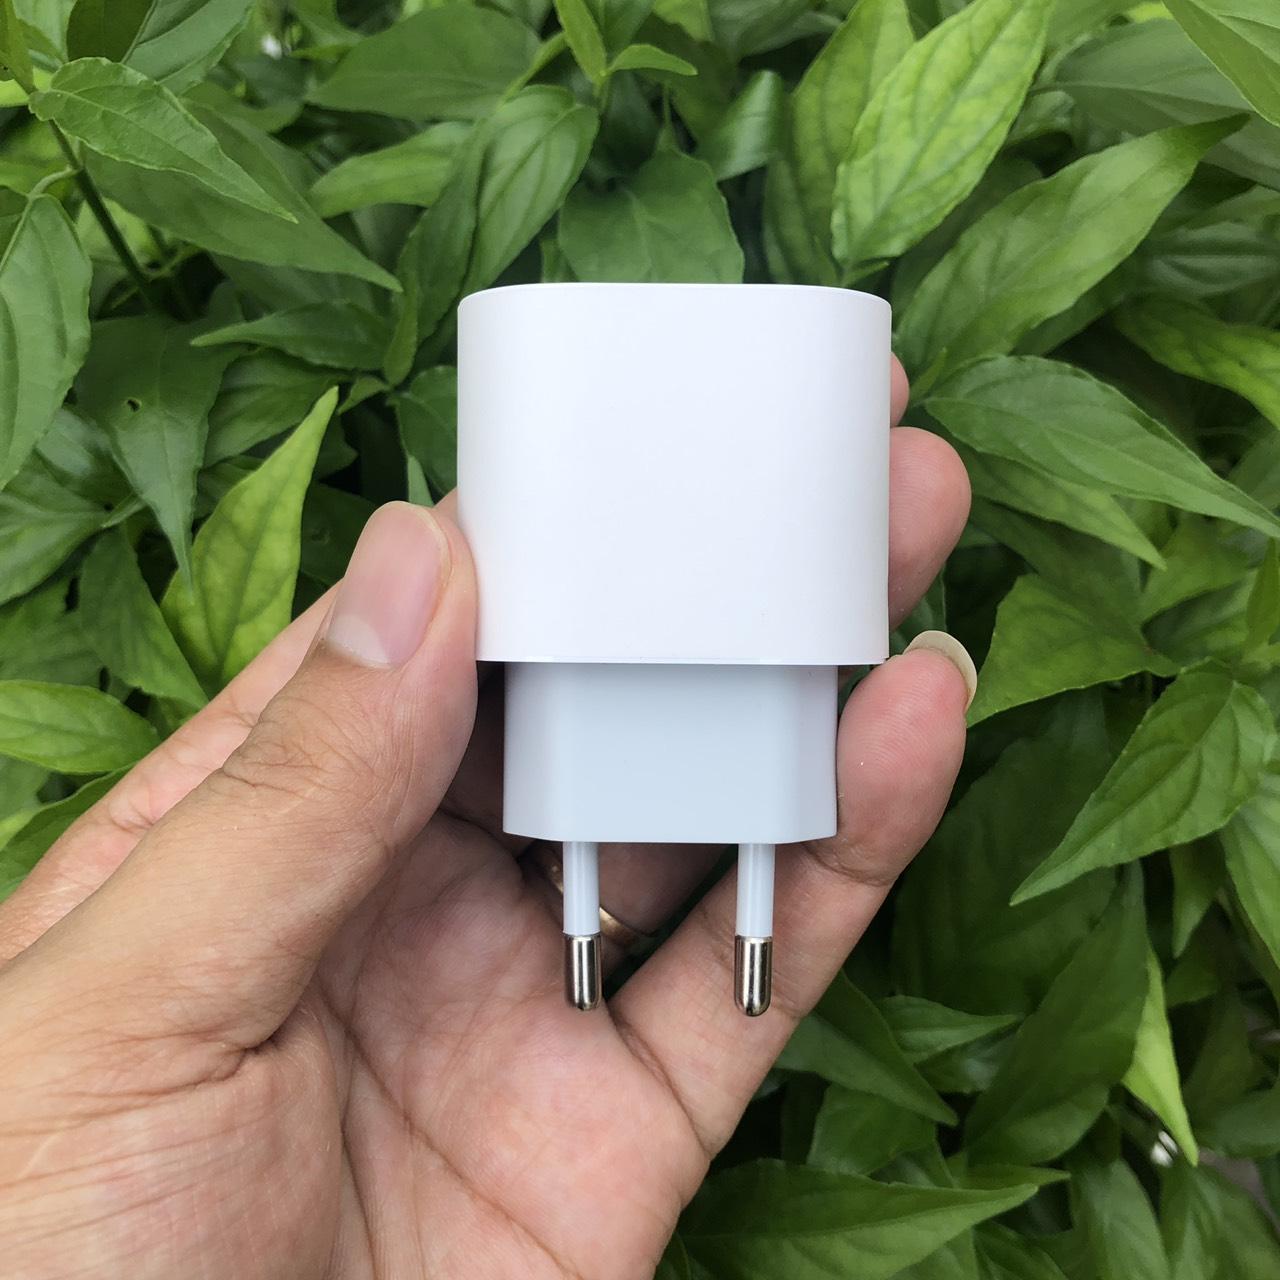 Củ Sạc Nhanh 18W Dành Cho iPhone 11Pro - 11Pro Max - iPhone 12/ 12Max/ 12Pro/ 12Pro Max - Chân Tròn